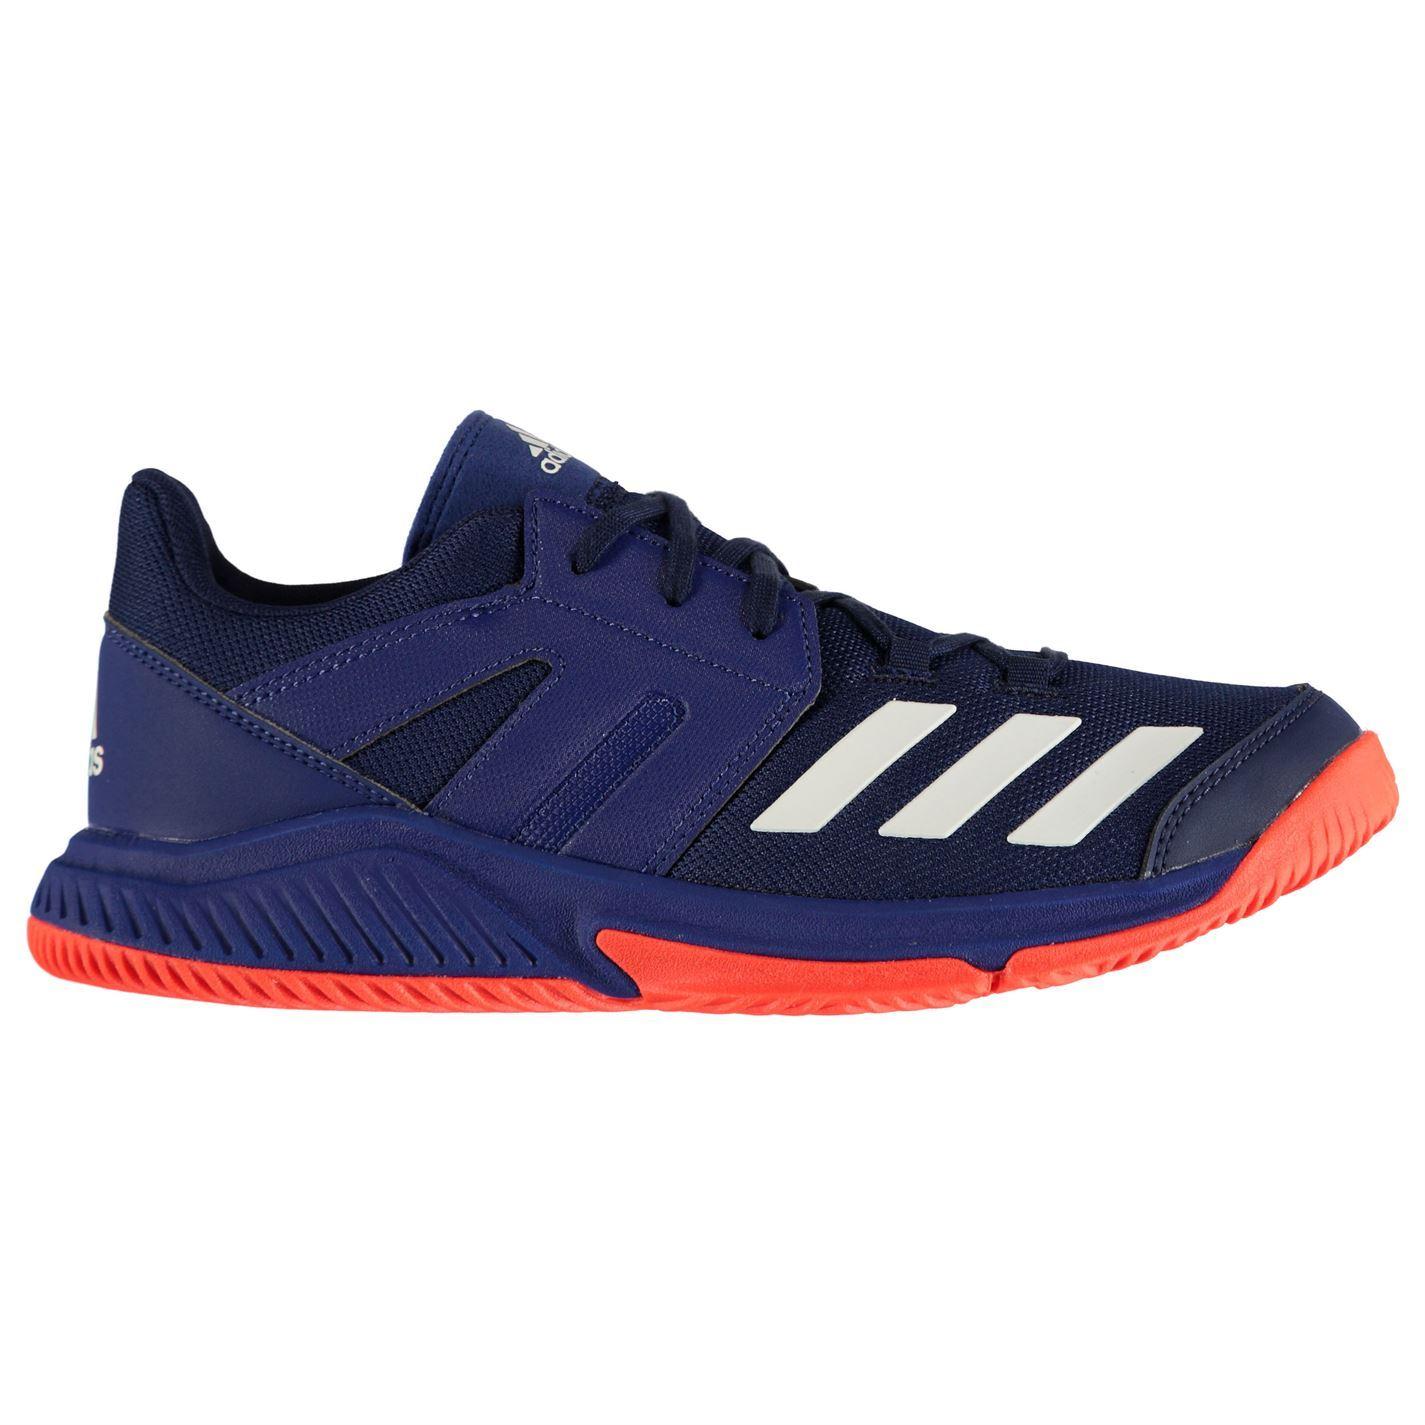 adidas squash shoes